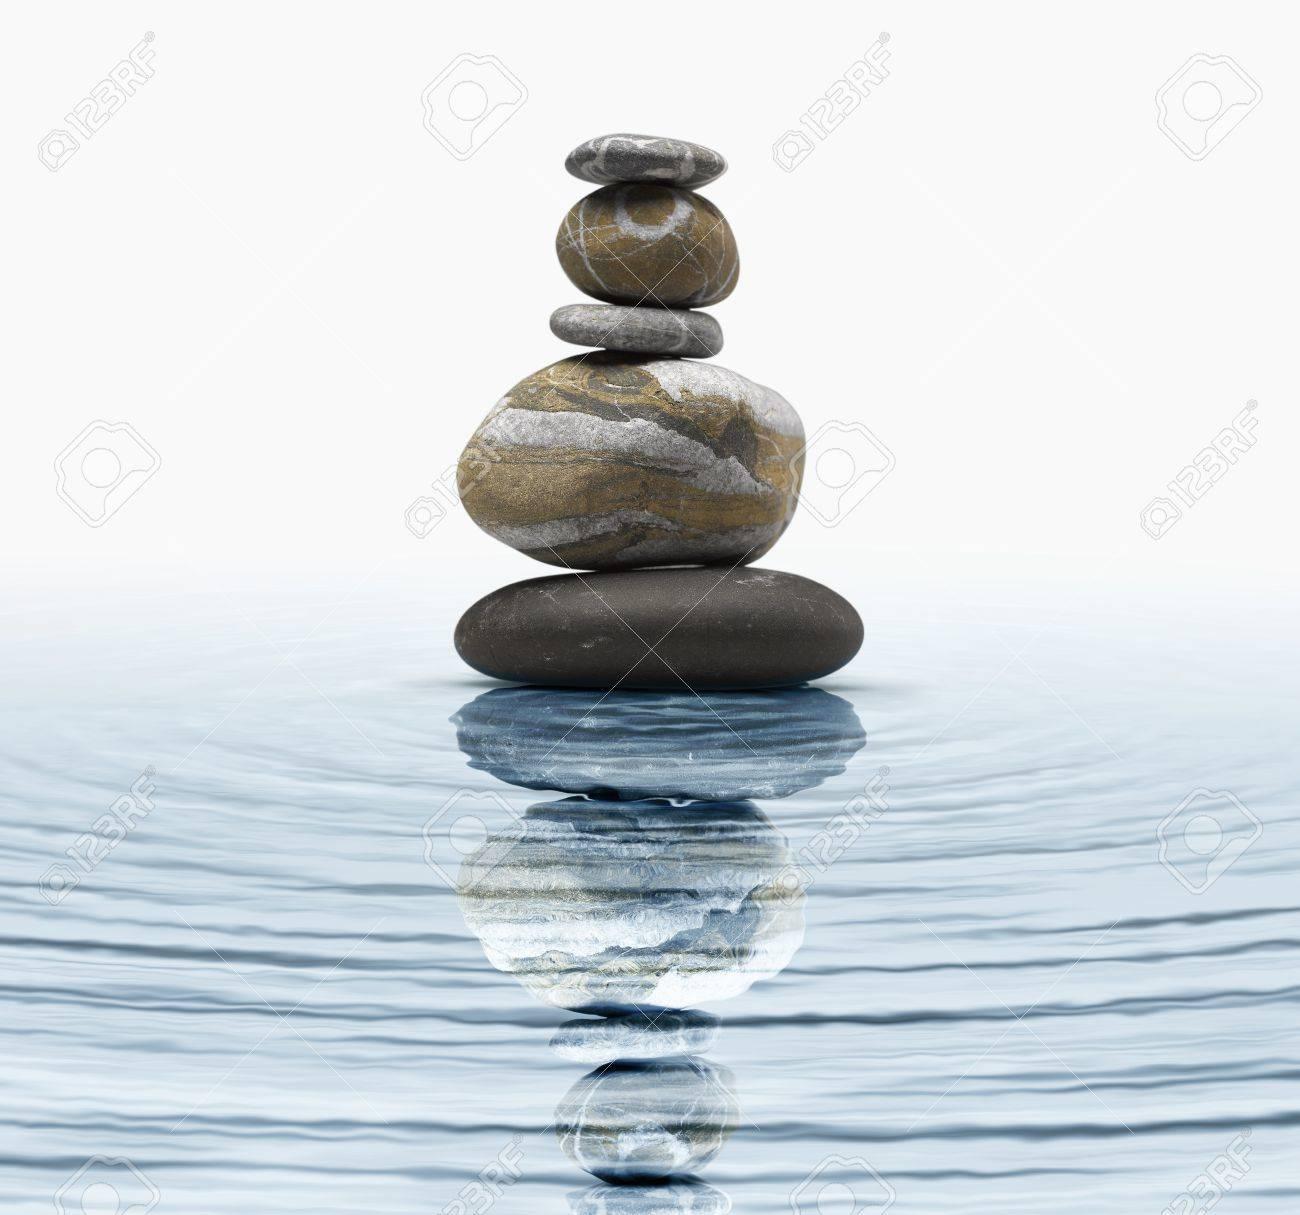 piedras zen en agua foto de archivo 17363998 - Piedras Zen